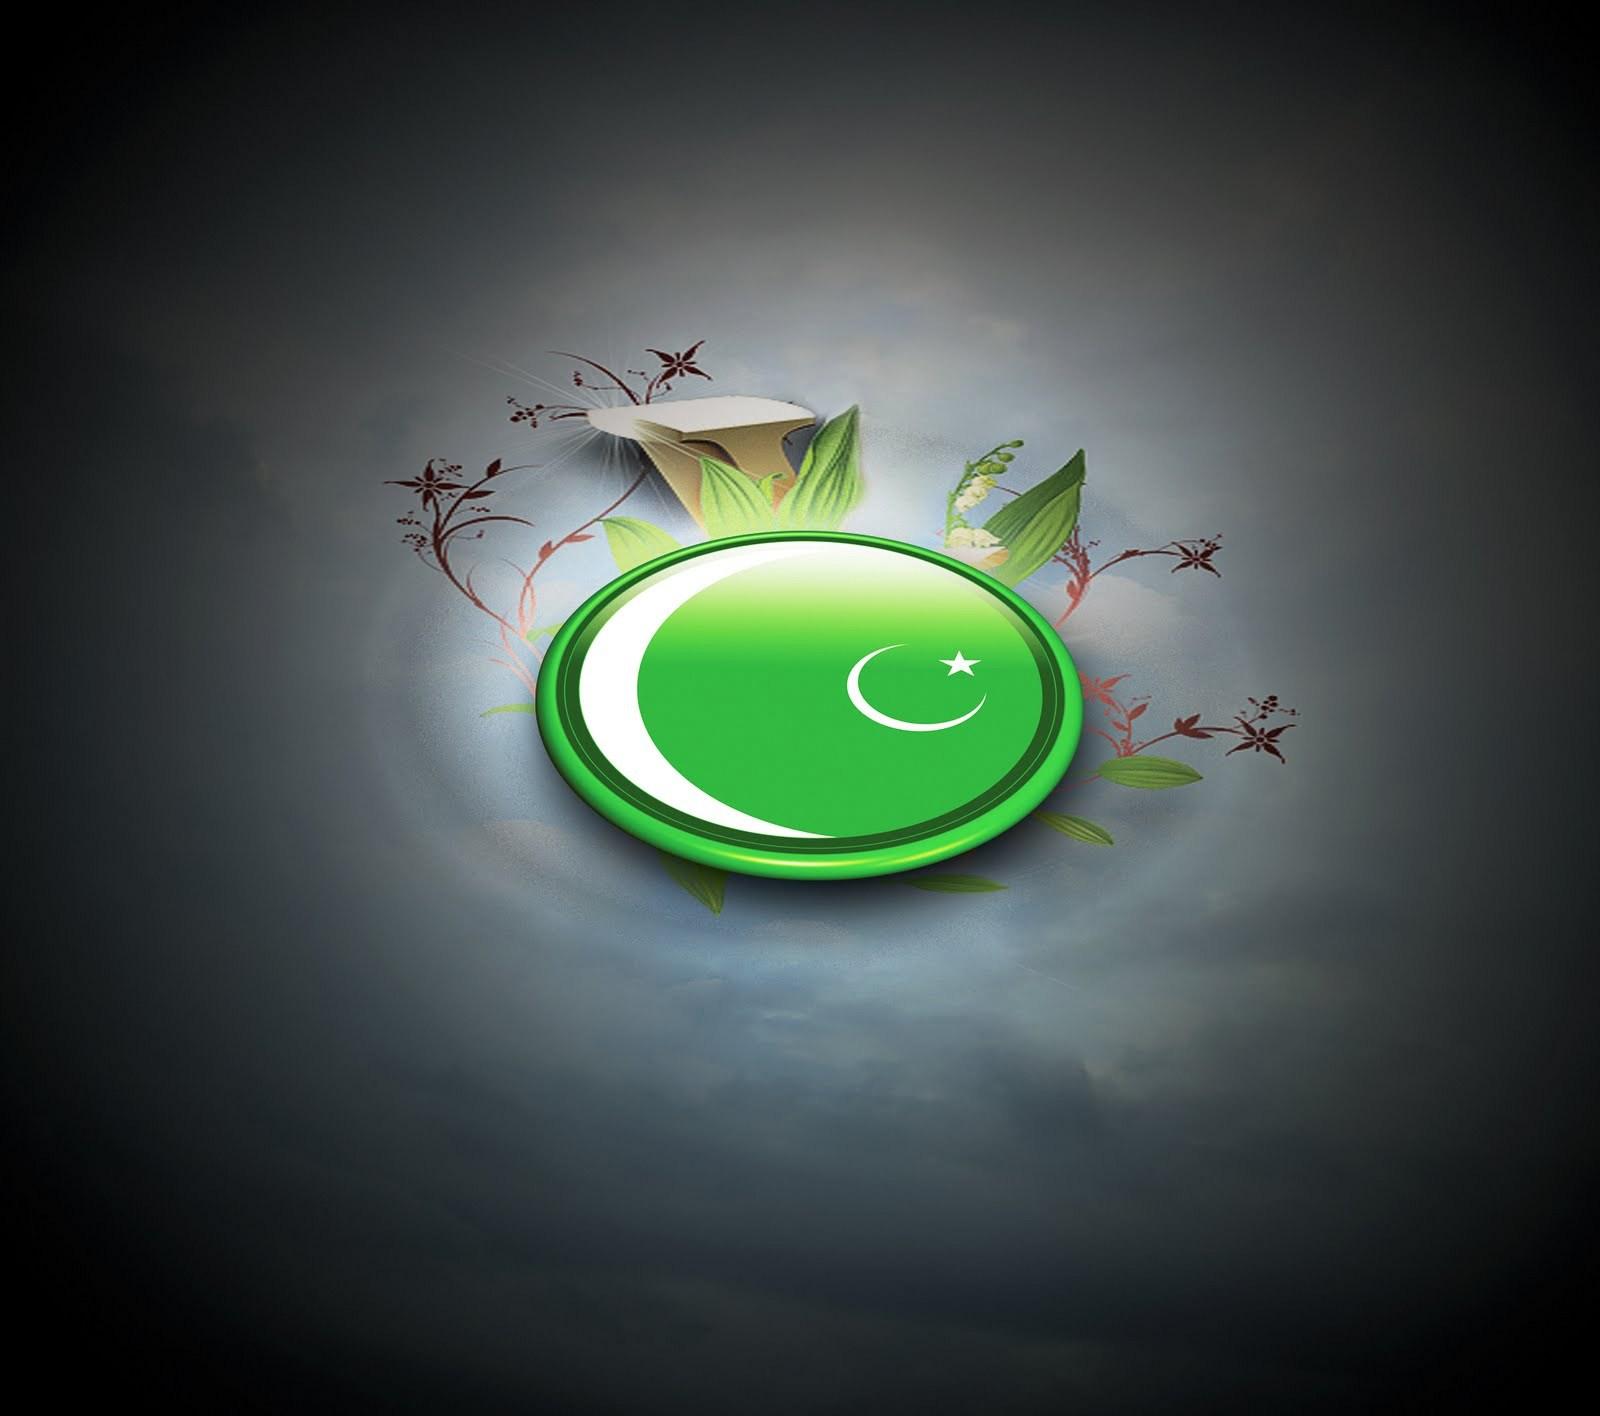 http://1.bp.blogspot.com/--2f6kfu3TAk/UBu5QaR04OI/AAAAAAAAGzg/lNnuPYGt_Ks/s1600/Pakistan-Flags-Wallpapers-1600x1416-047.jpg